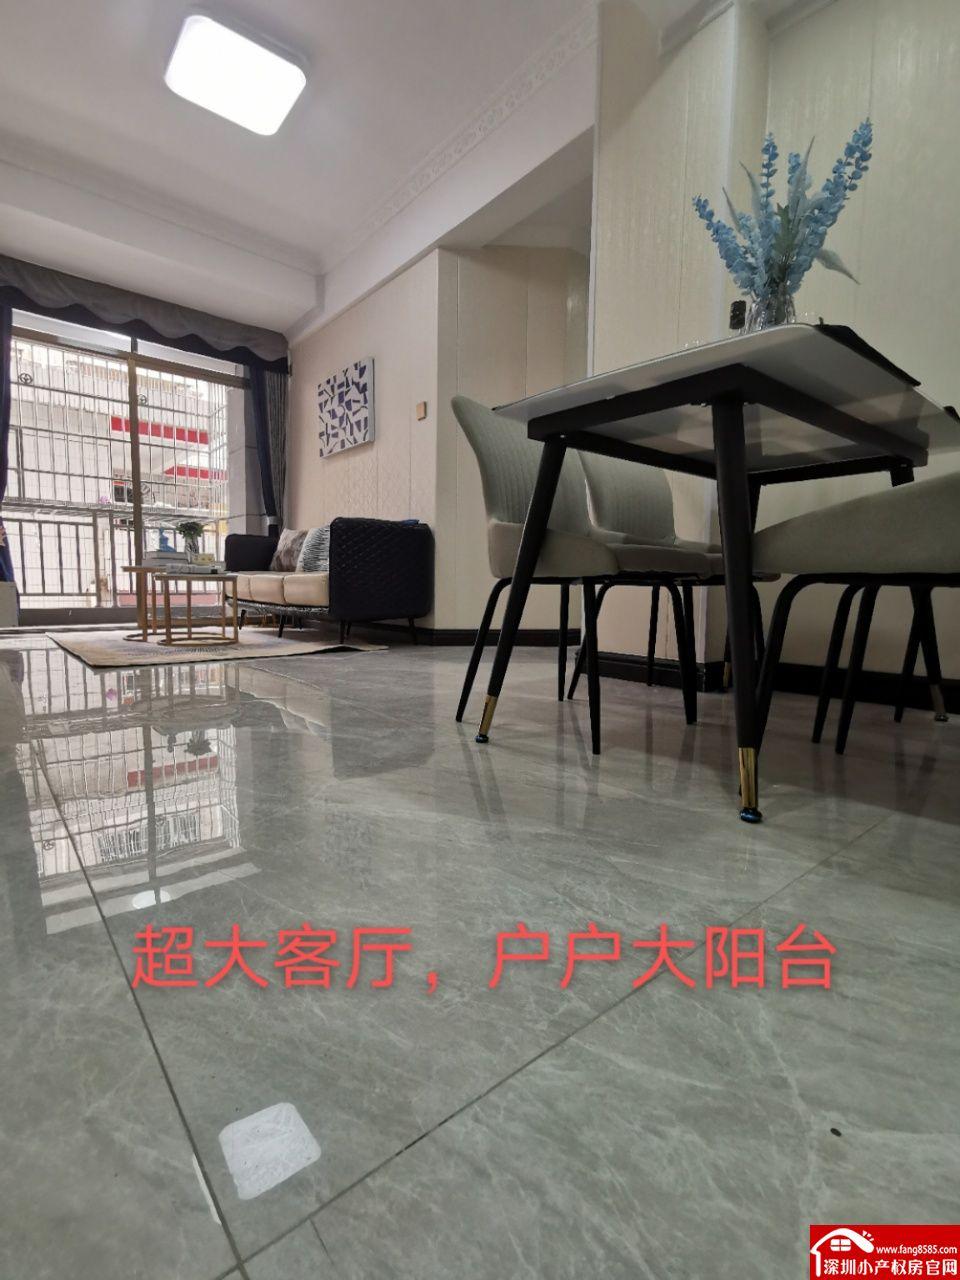 西乡小产权房统建楼【优学府】原始户型物业